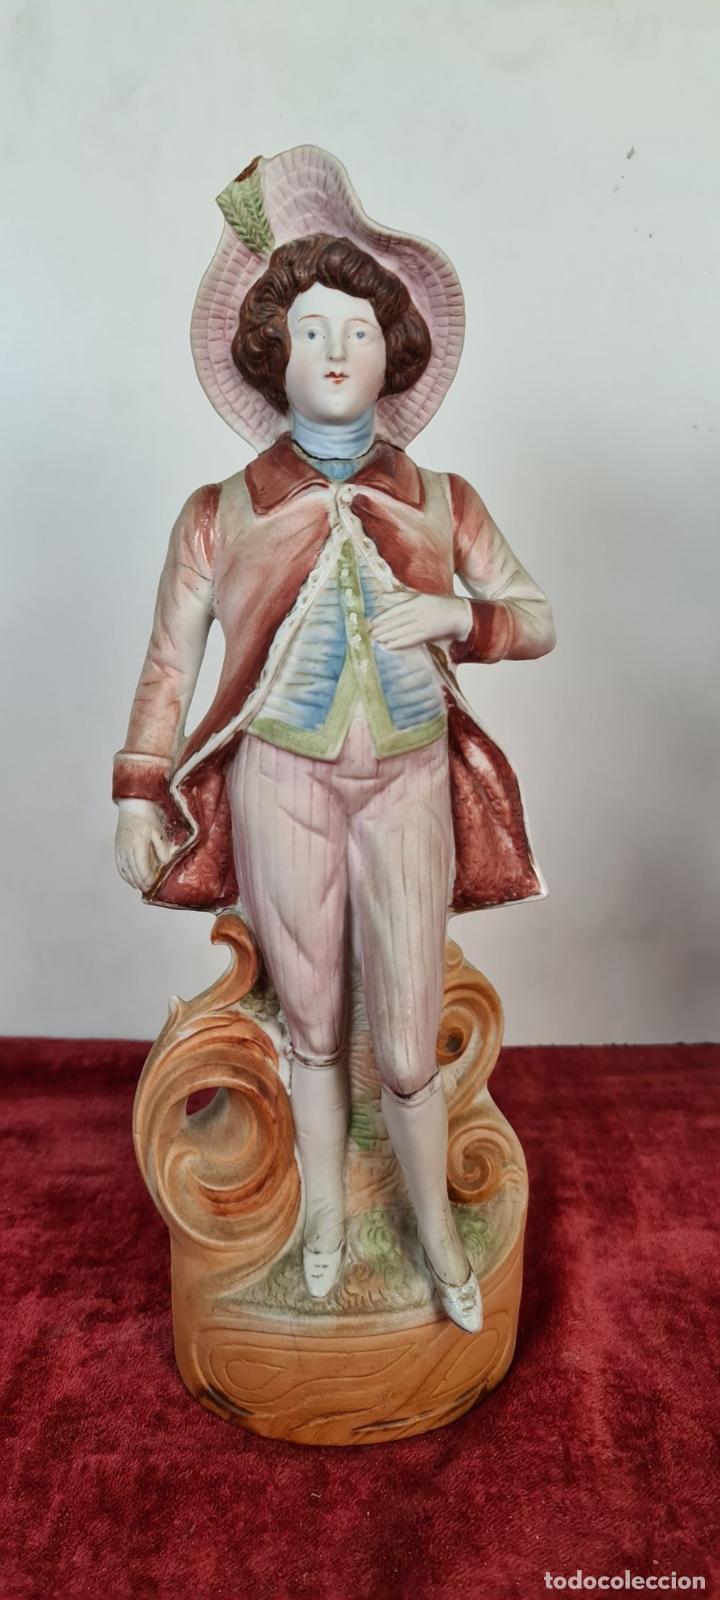 Antigüedades: PAREJA DE JOVENES EN PORCELANA. BISCUIT. PINTADOS A MANO. ALEMANIA. SIGLO XX. - Foto 7 - 220236906